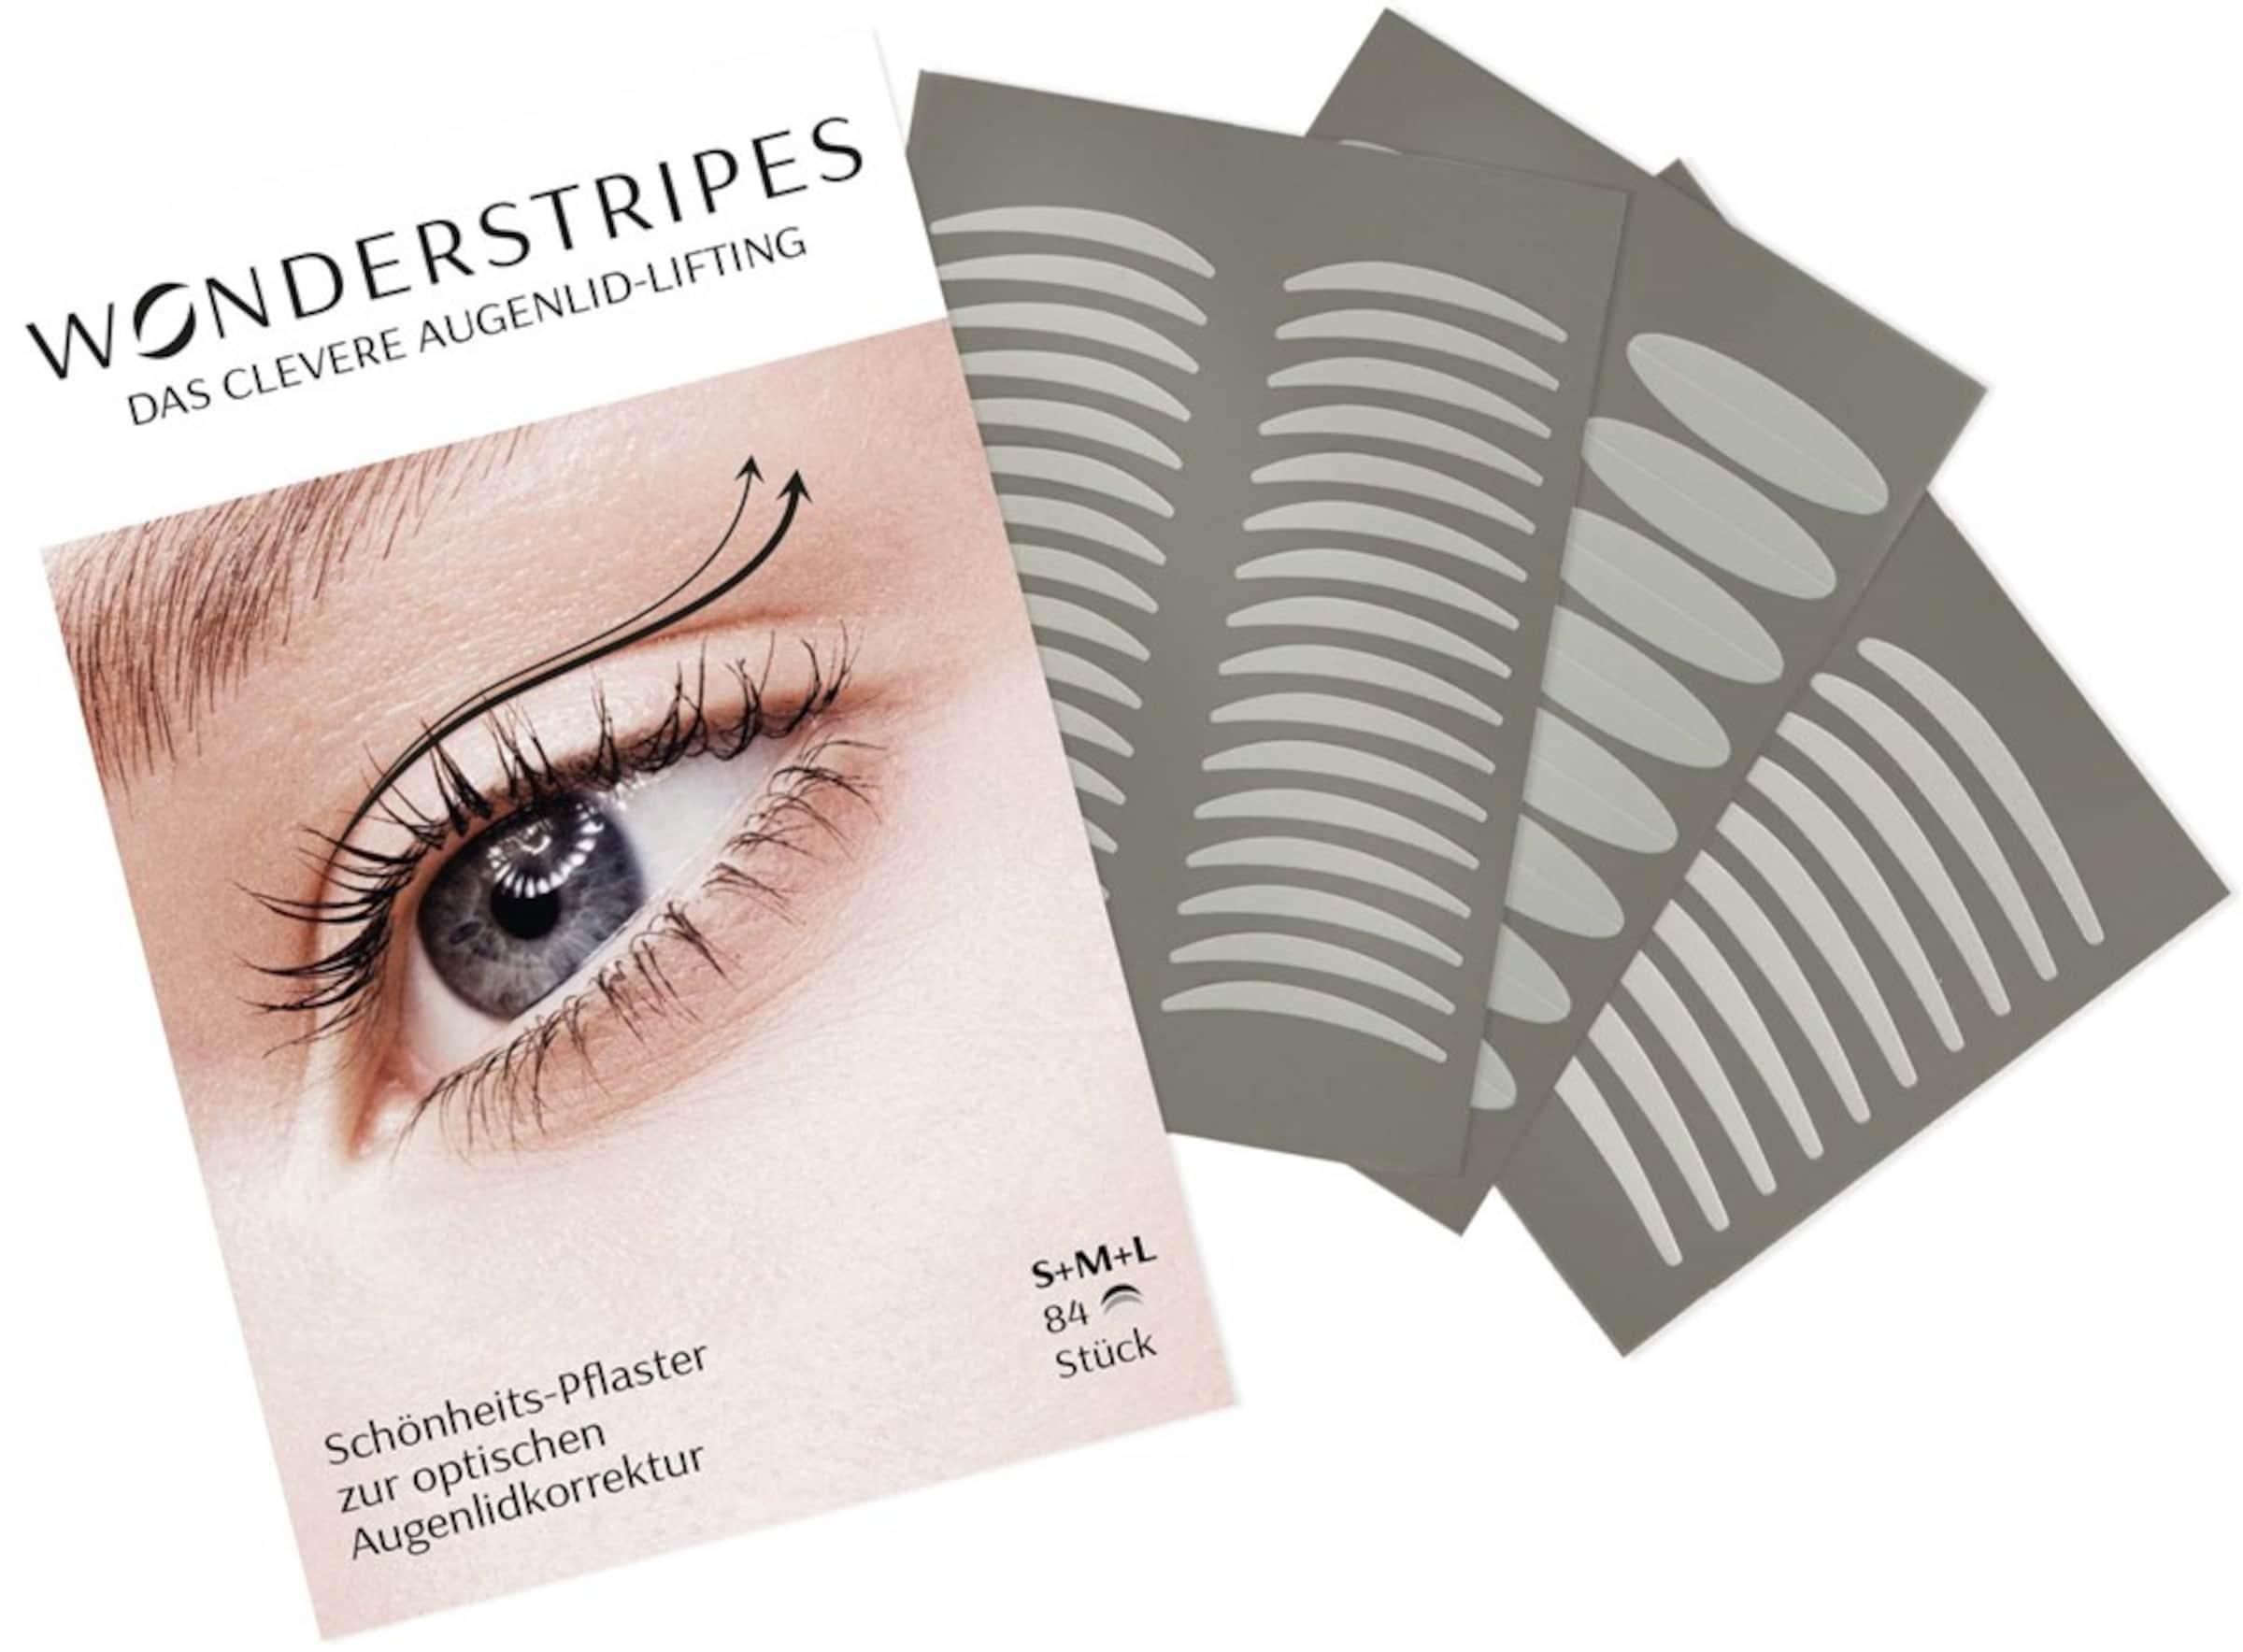 Augenlid 3 Wonderstripes packung' Transparent Verschiedenen 'kombi Größen korrektur Pflaster In PTXkZOiu